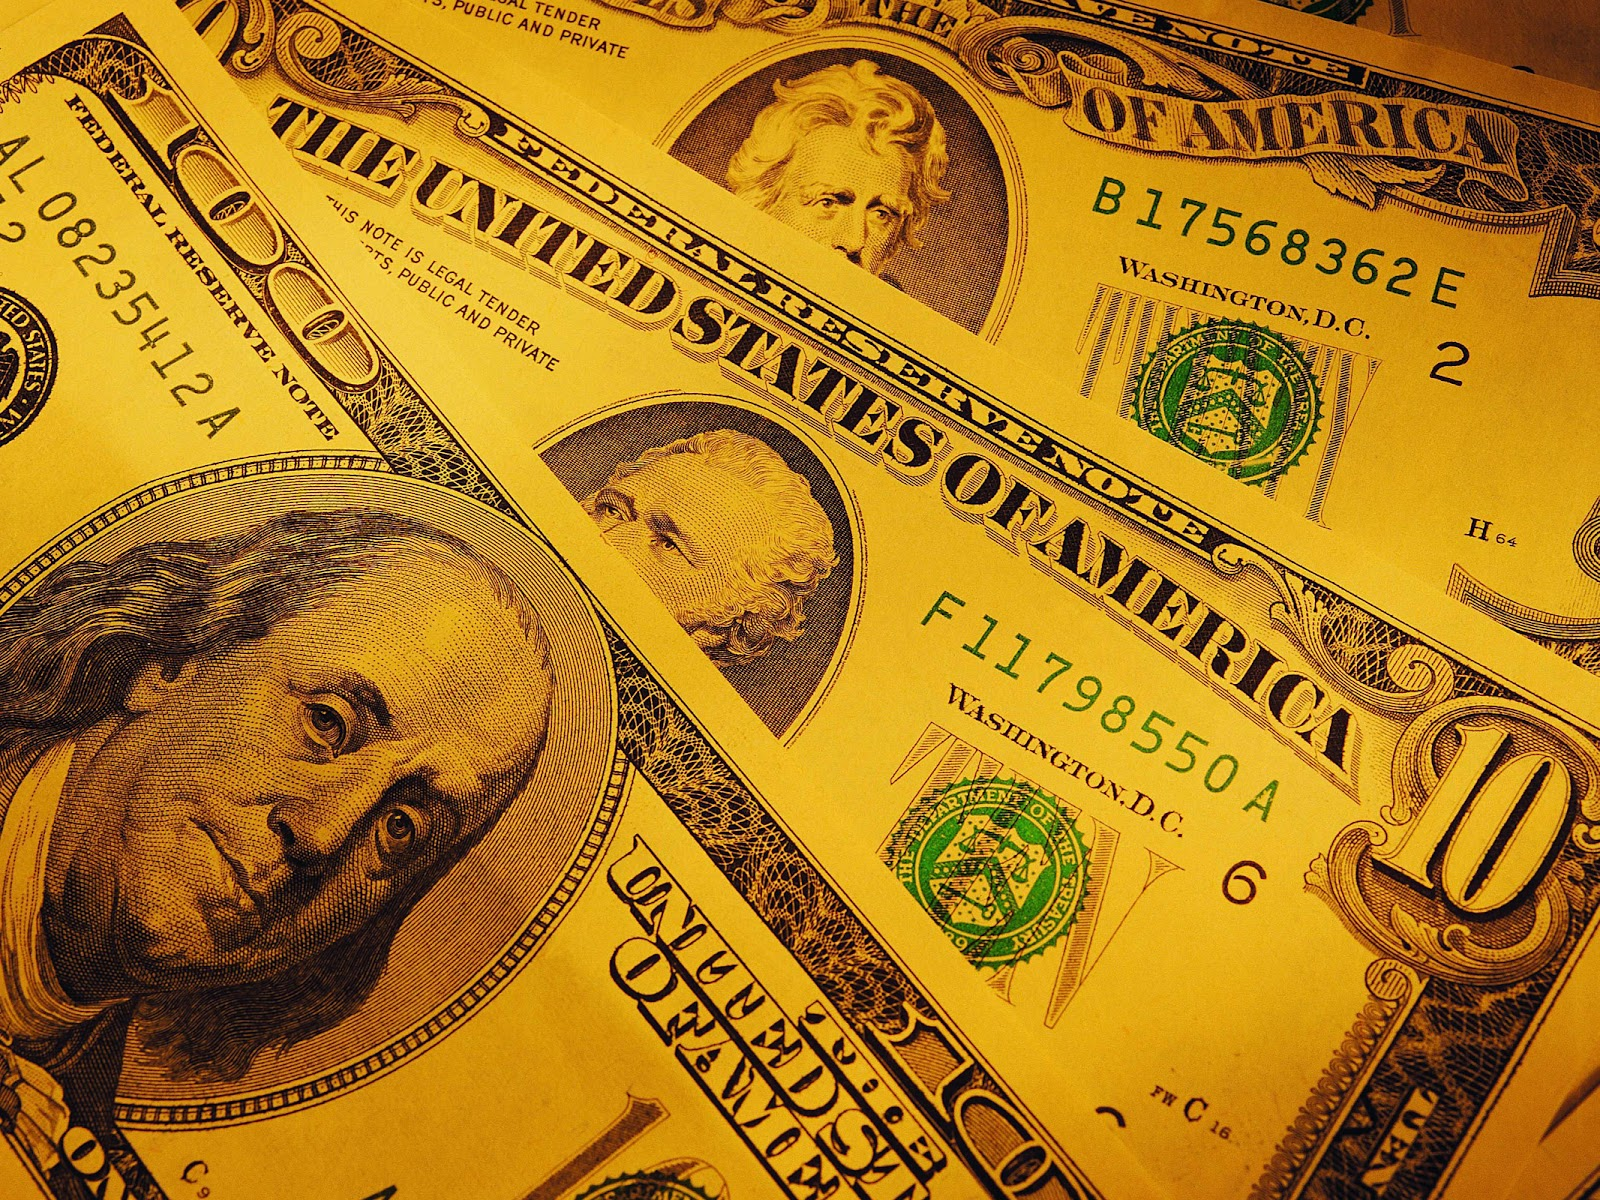 http://3.bp.blogspot.com/-JKf8mVV5XlI/TeuUxtOlvYI/AAAAAAAAAwo/2fPdW2-FRso/s1600/HQ+Wallpaper+0083+wallhut.blogspot.com.jpg